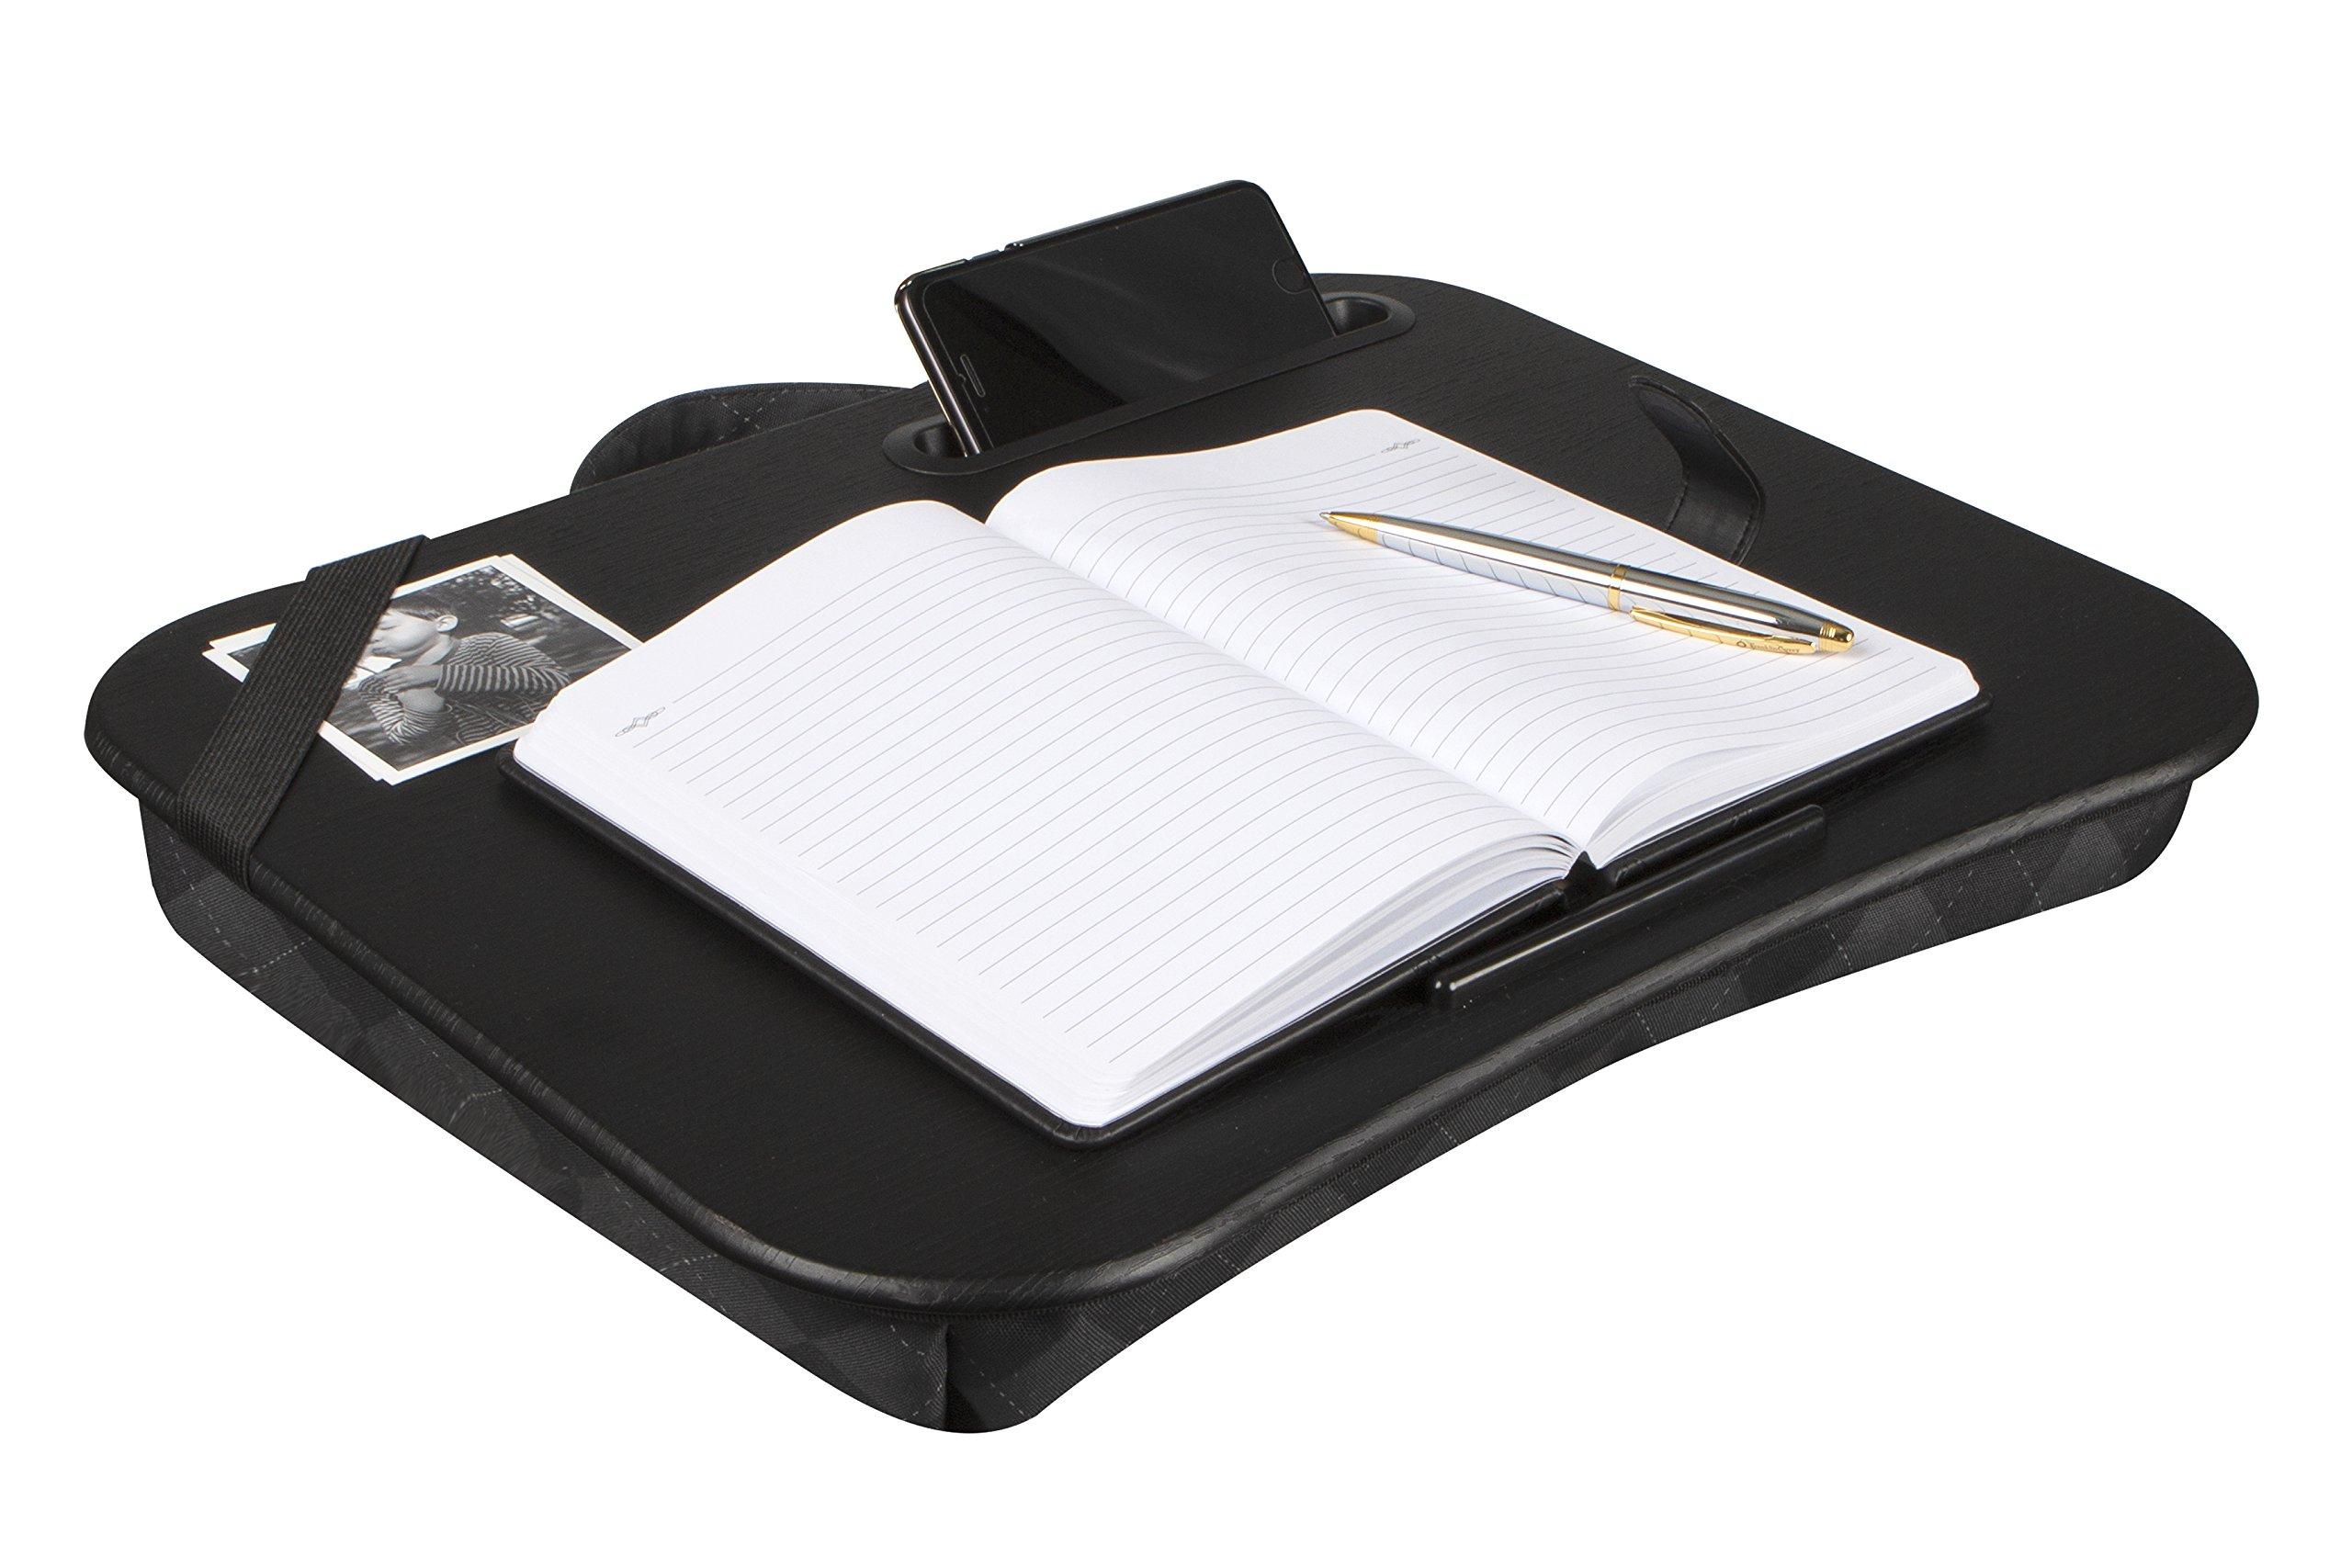 LapGear Designer Lap Desk - Gray Argyle (Fits up to 17.3'' Laptop)